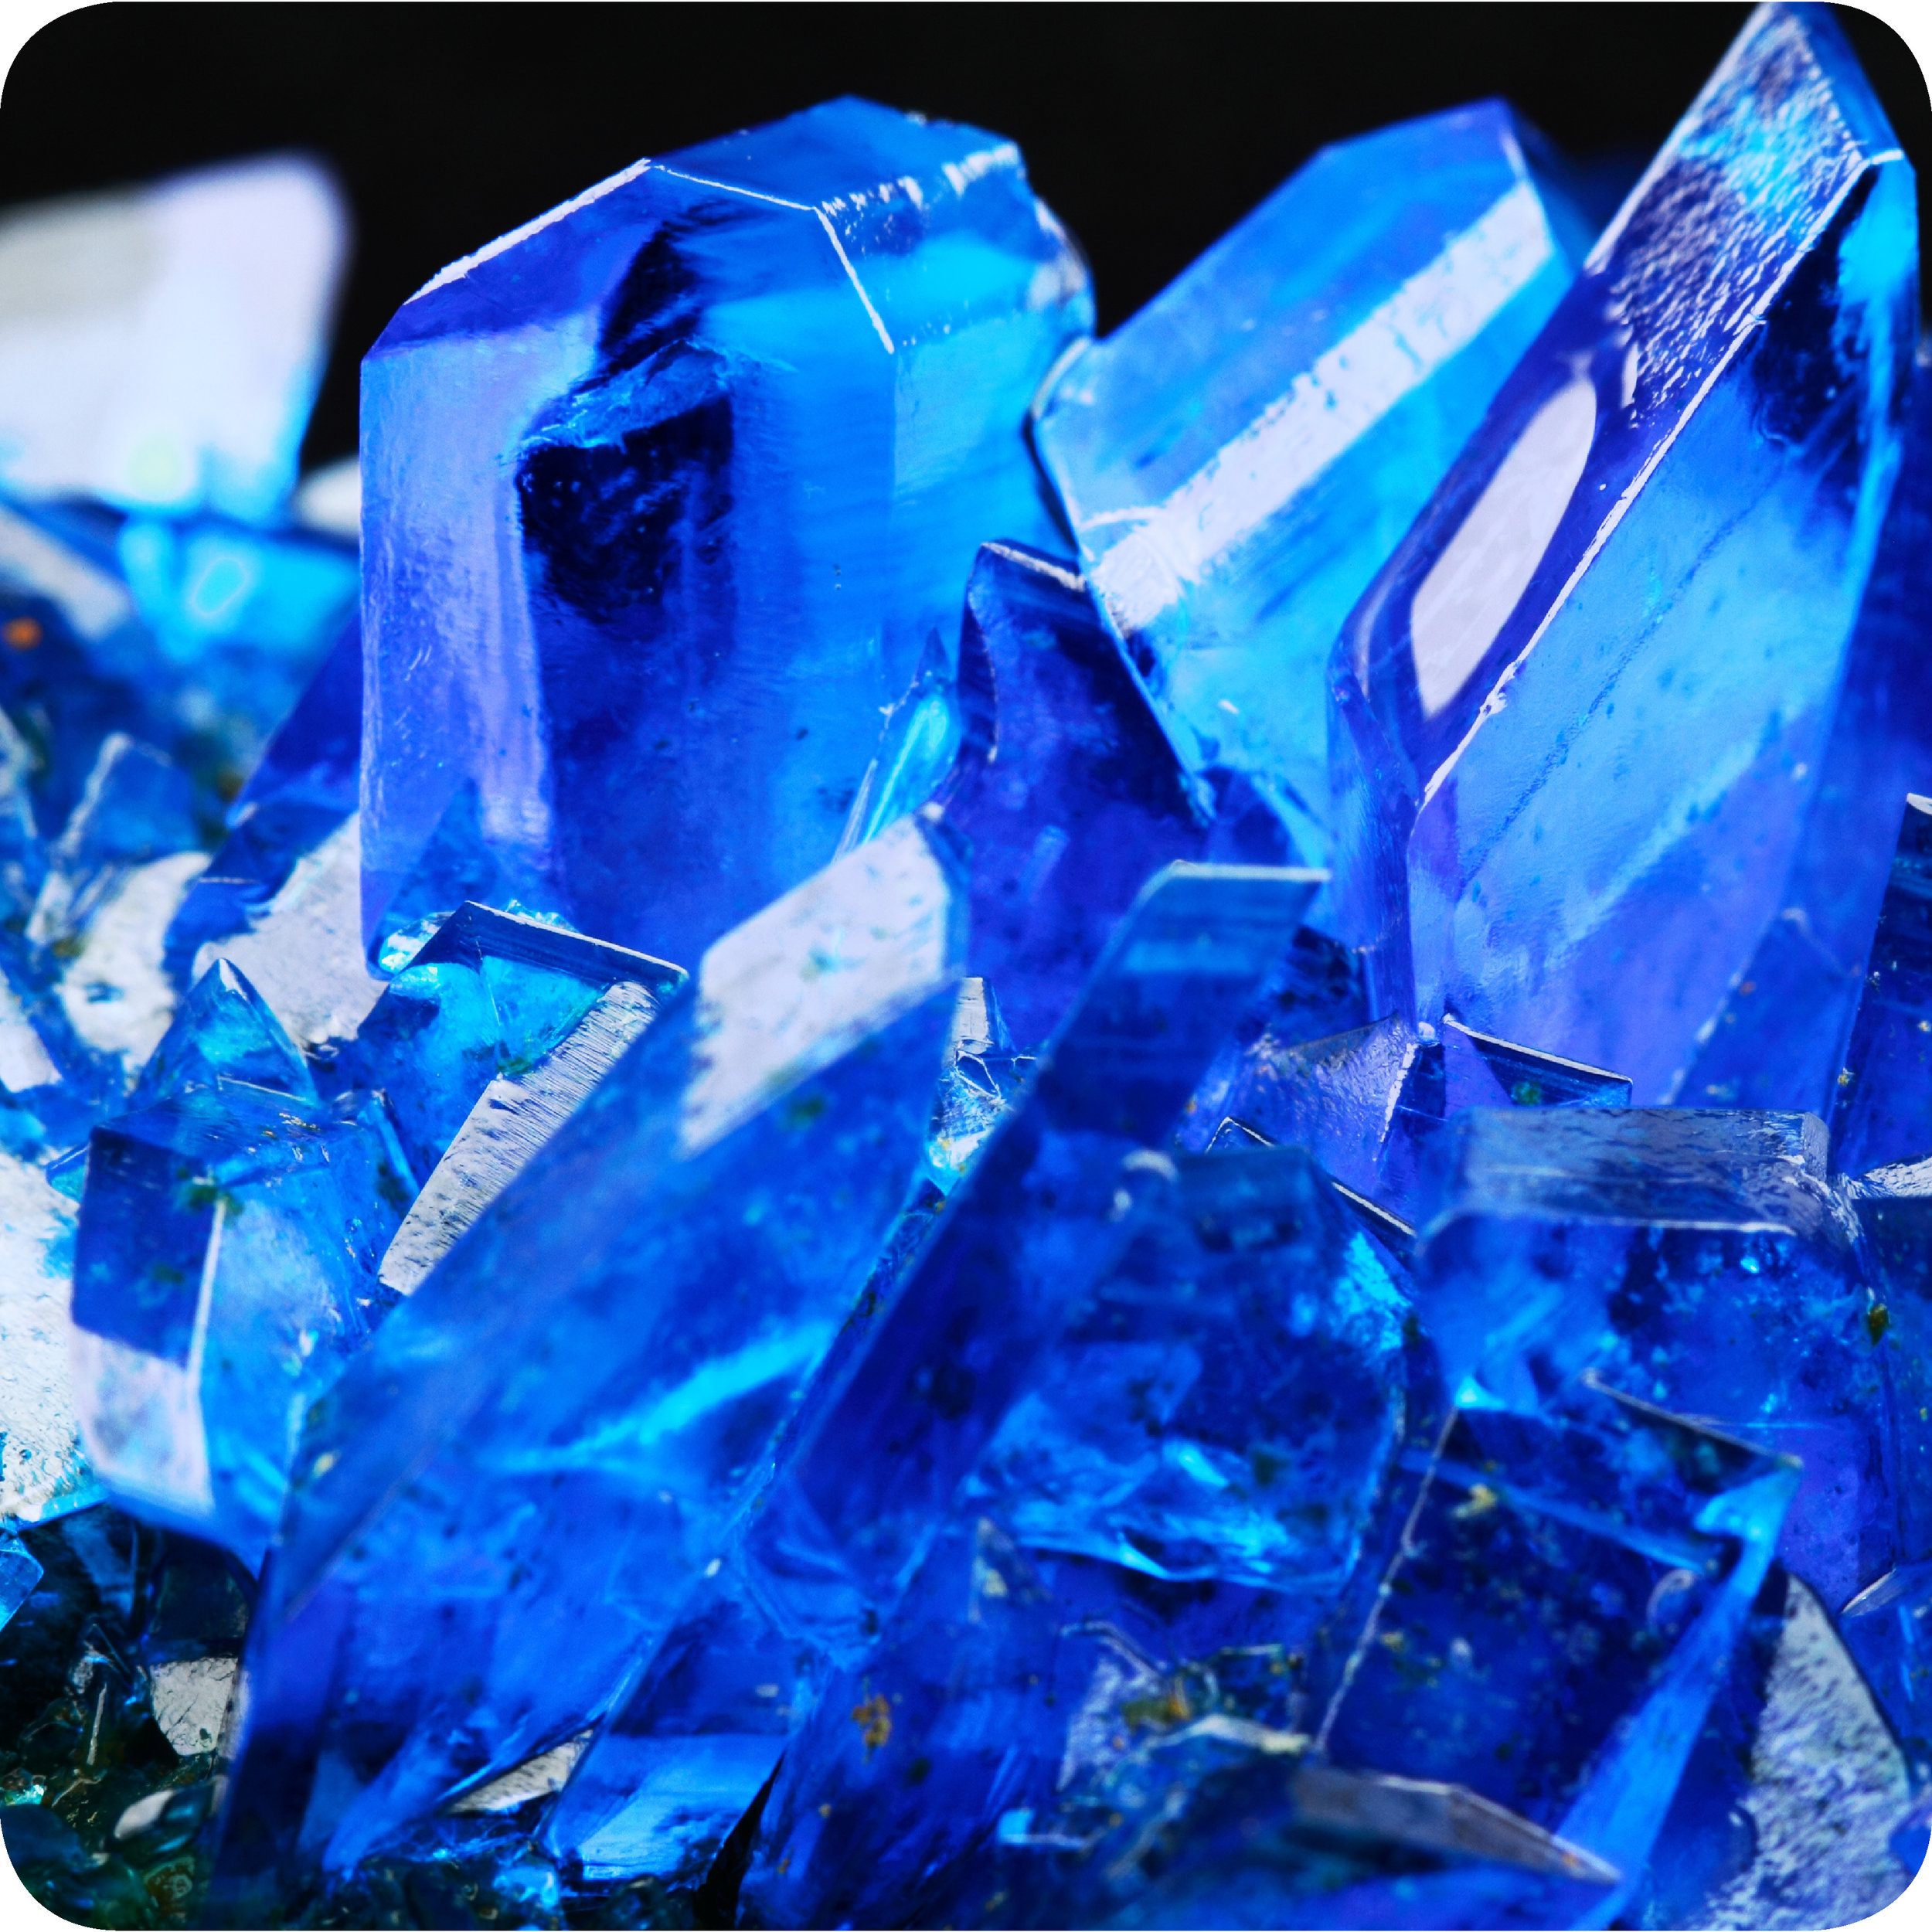 Salt of sulfuric acid (sulfate) crystals.